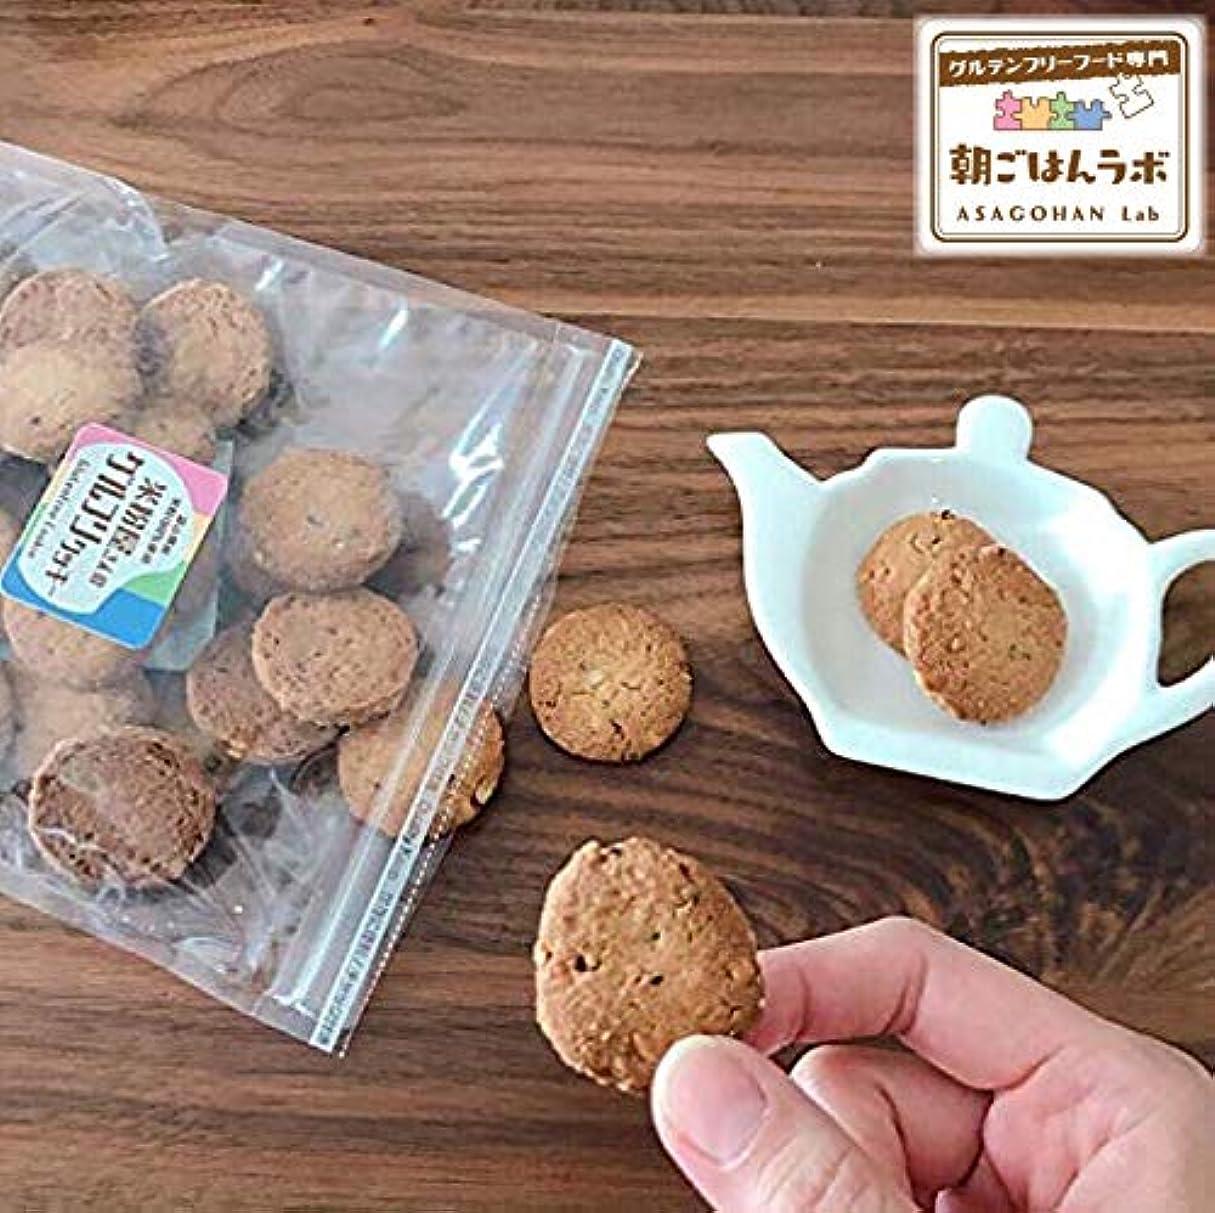 限りなくとティーム印刷する米粉屋さんのグルフリクッキー  (ブラックペッパー 2袋)グルテンフリー 朝ごはんラボ